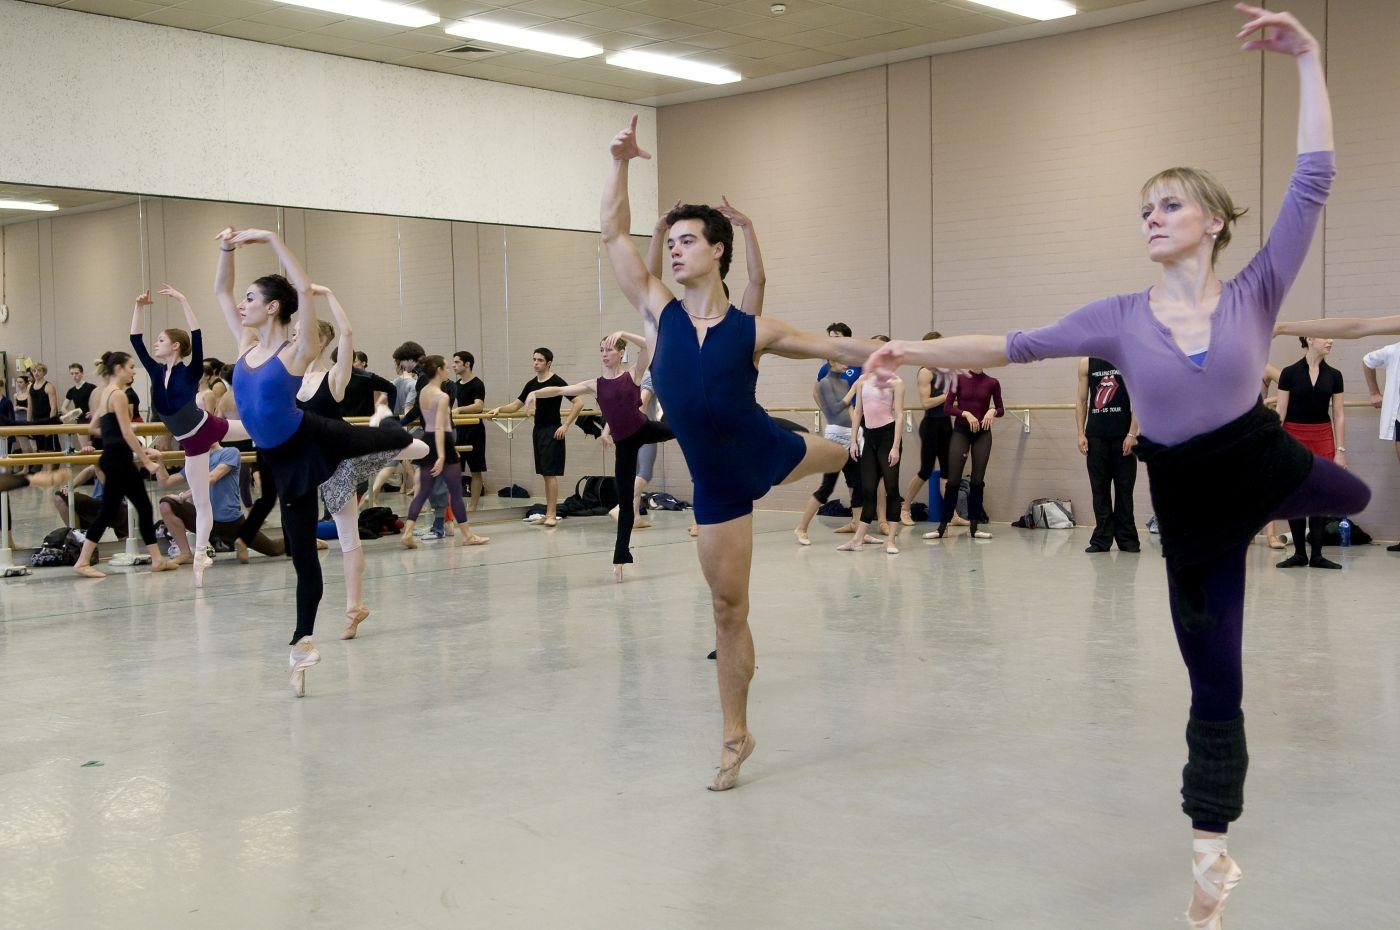 11.15-11.45 - repetitie voorstelling met corps de ballet